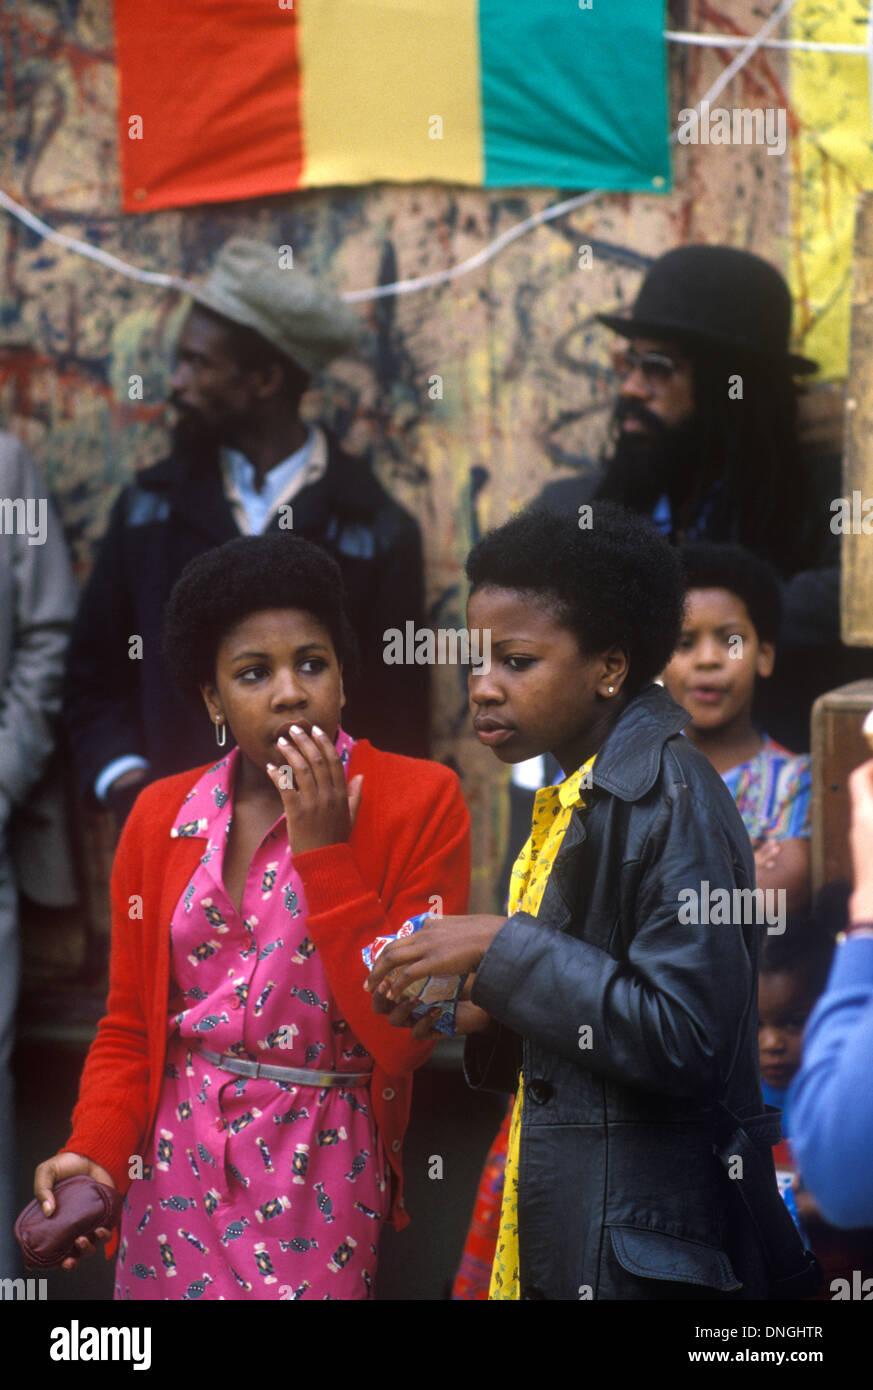 Teen black girls Notting Hill Londra Ovest degli anni settanta anni settanta multietnica del Regno Unito Gran Bretagna HOMER SYKES Immagini Stock